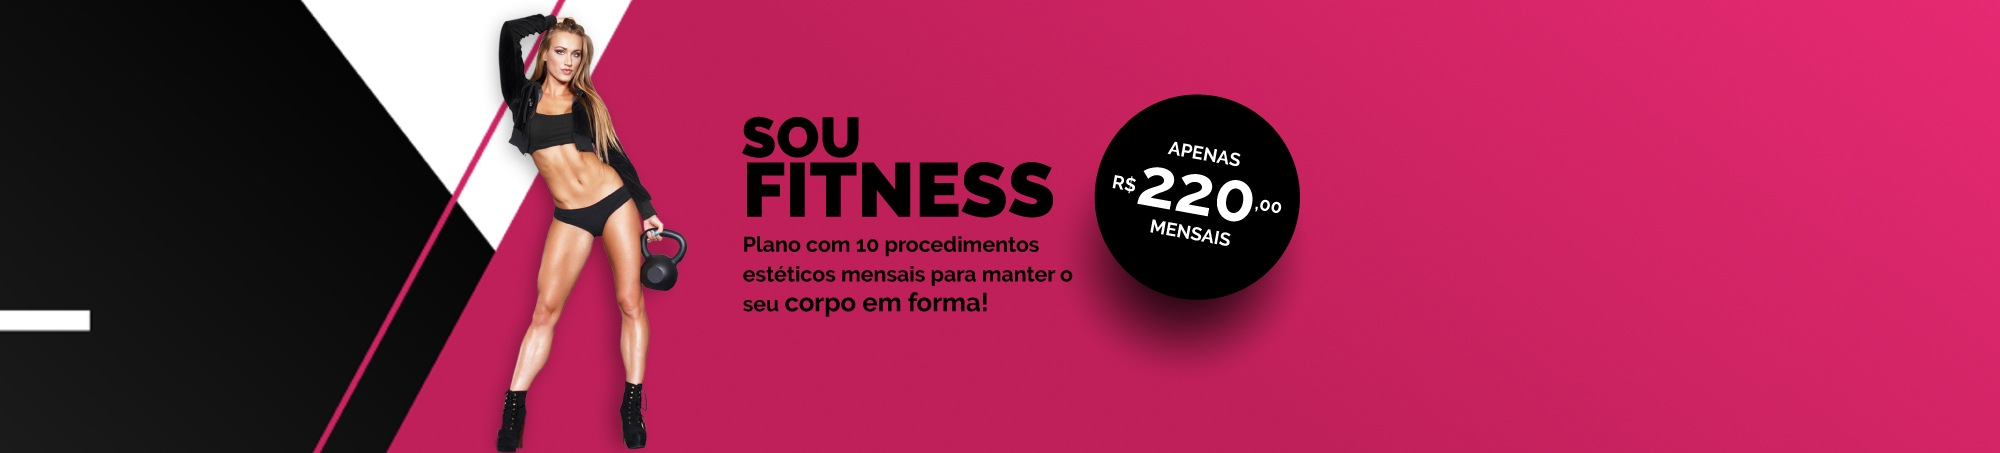 Sou-Fitness-2019-Fisest-01-site